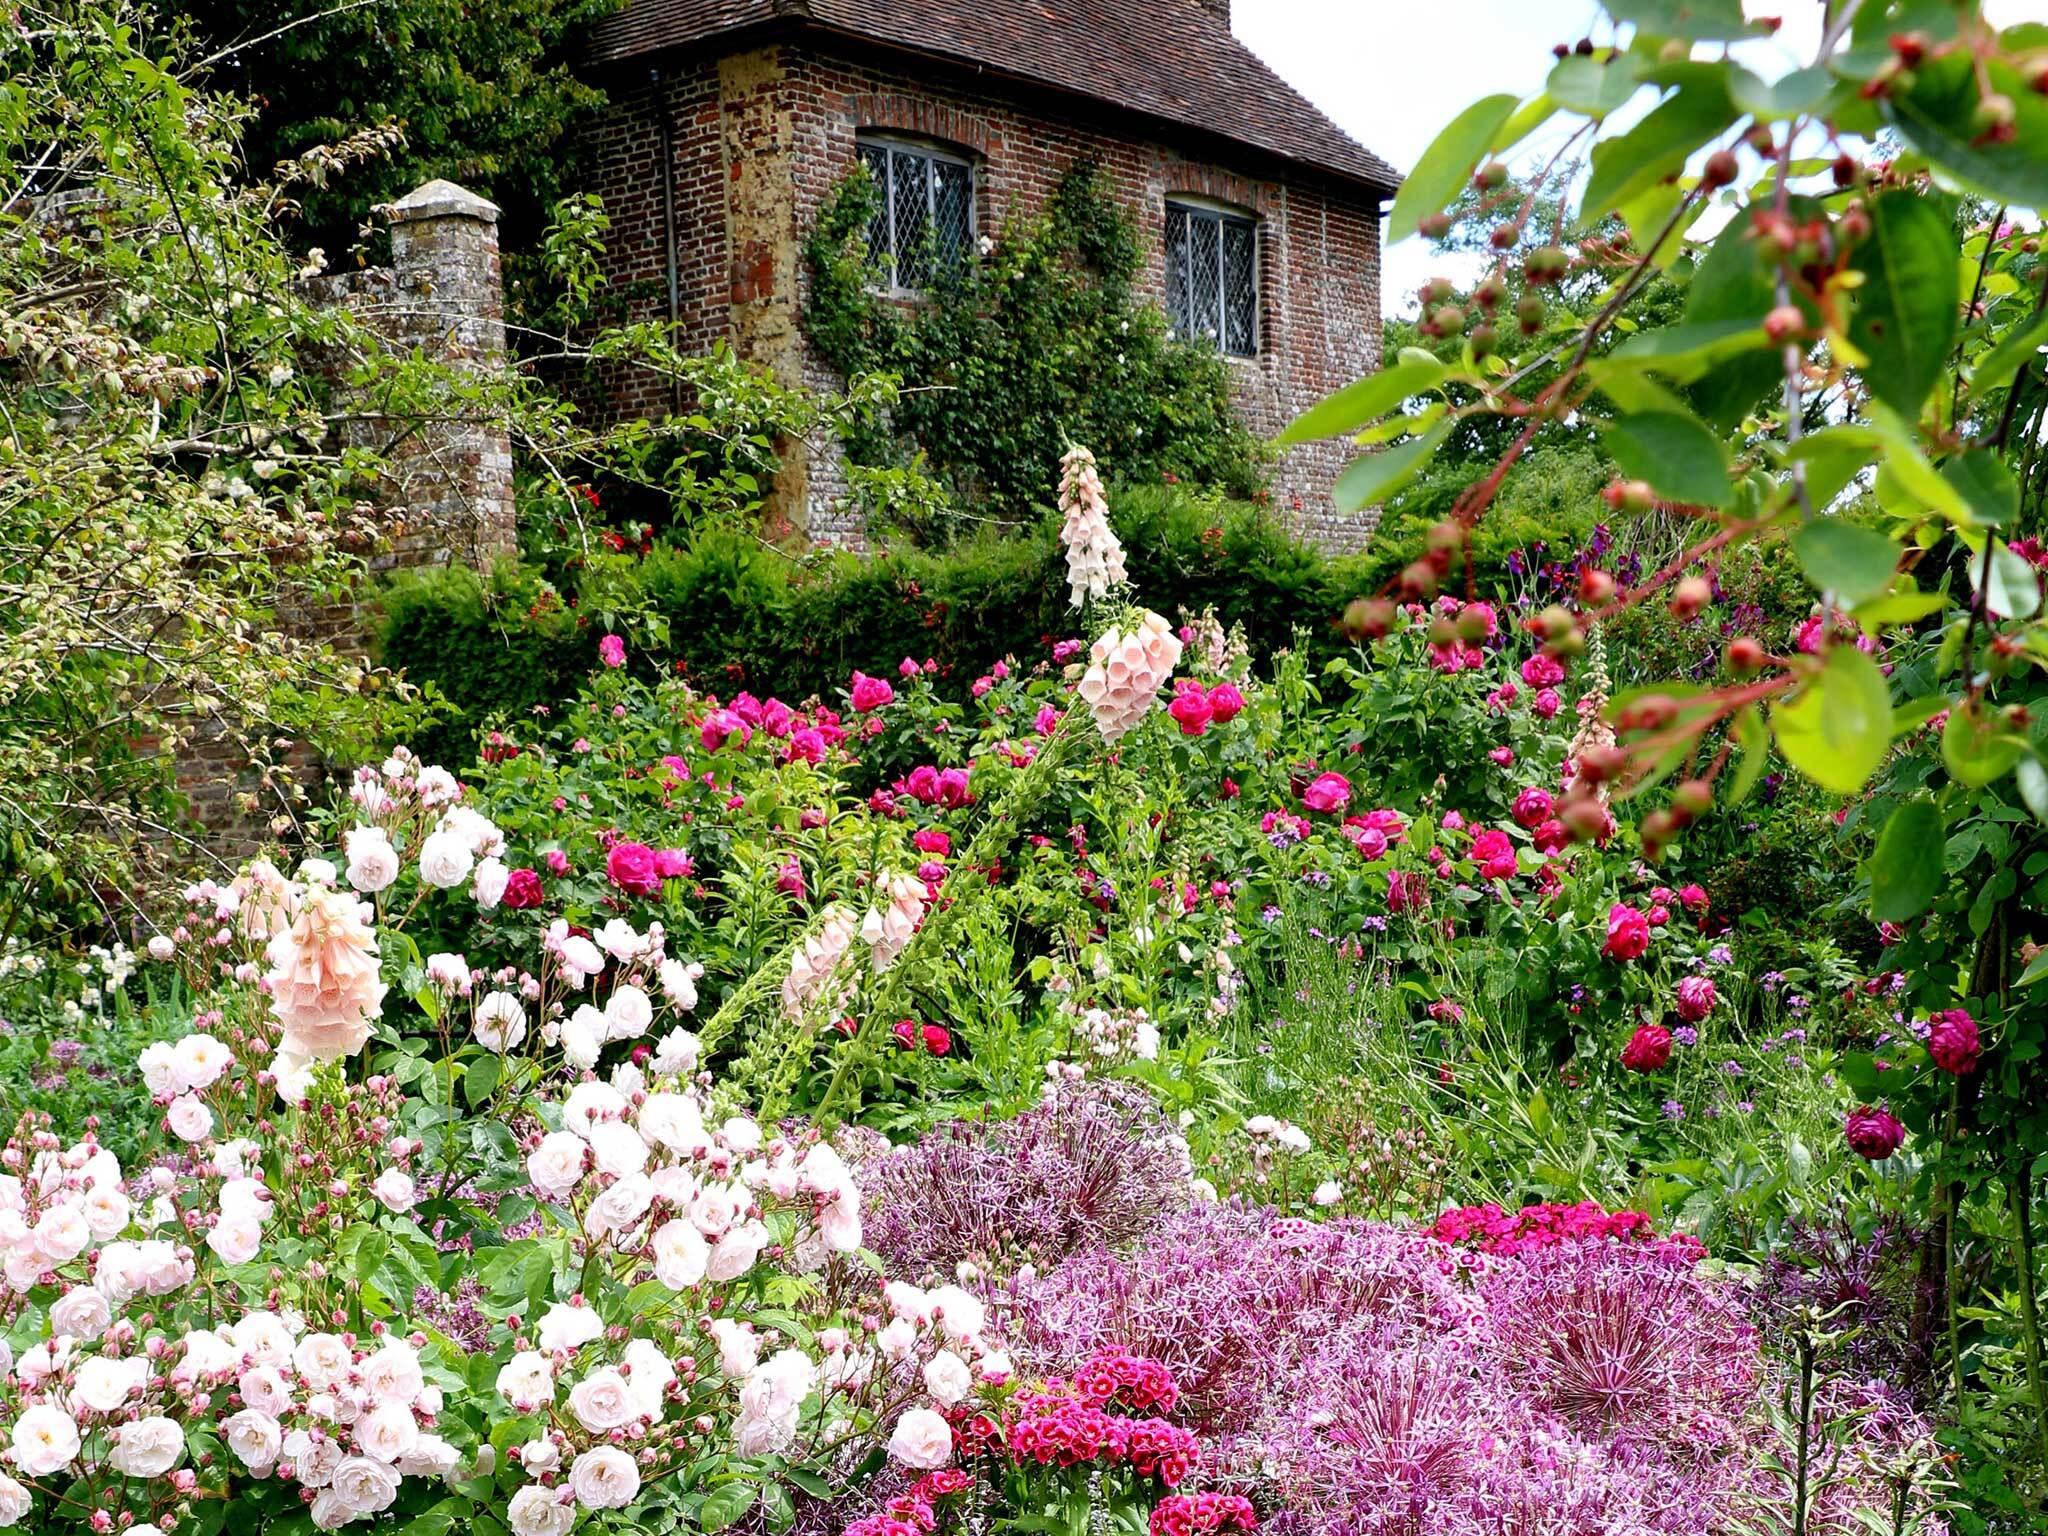 Flowers at Sissinghurst Castle